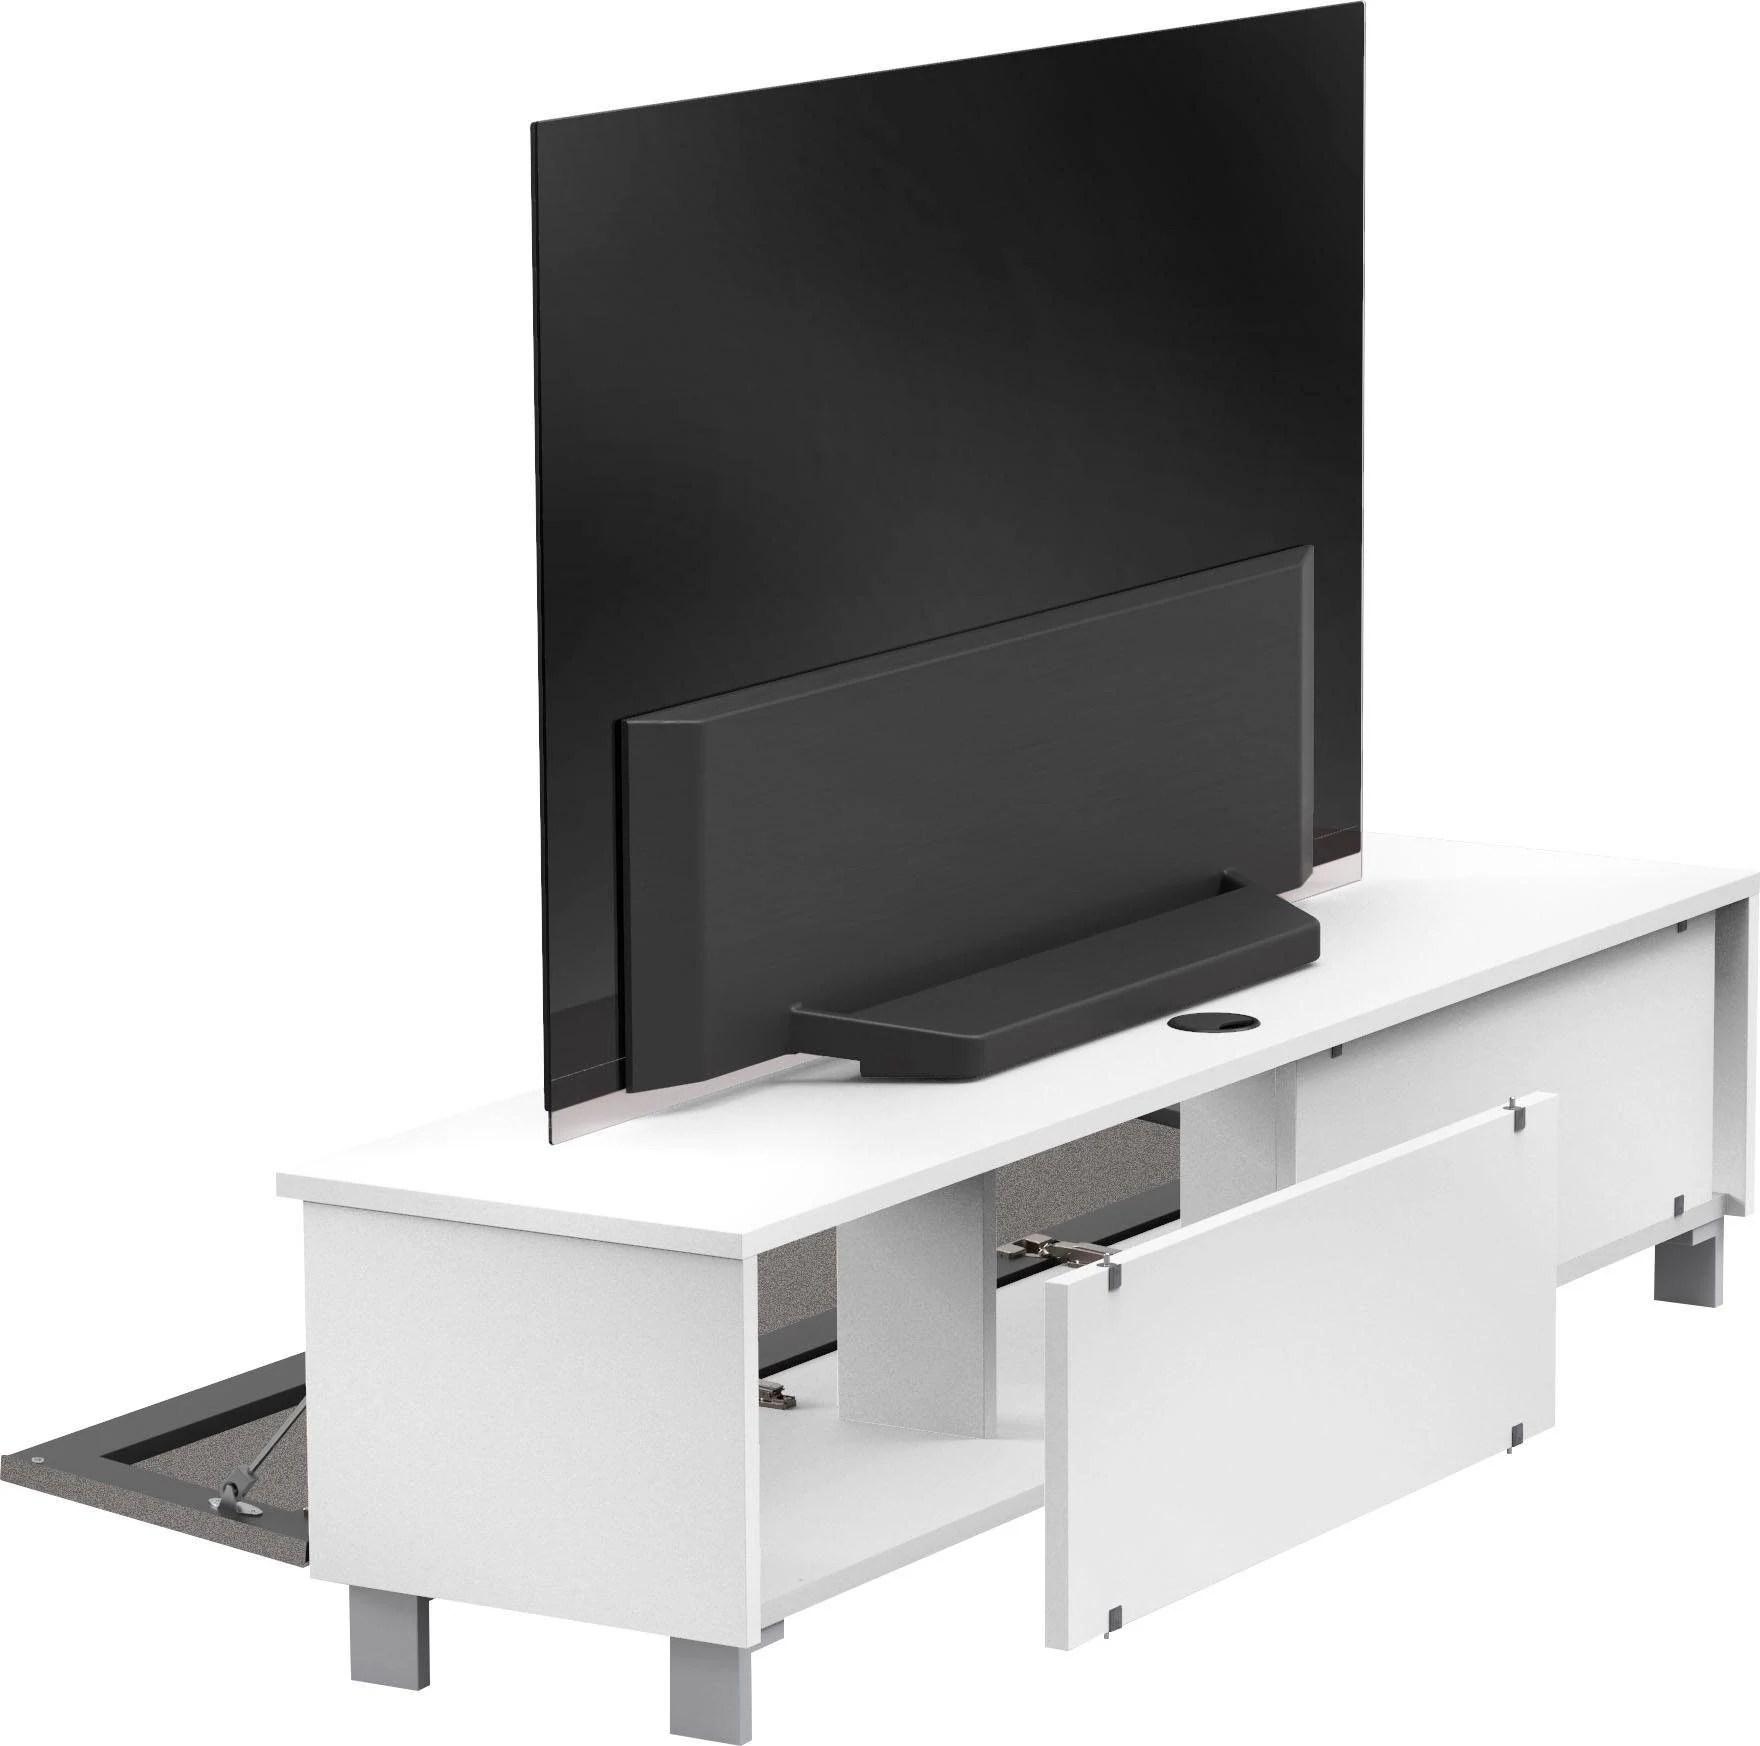 spectral lowboard just racks jrb1604 breite 160 cm wahlweise mit basis oder tv paket